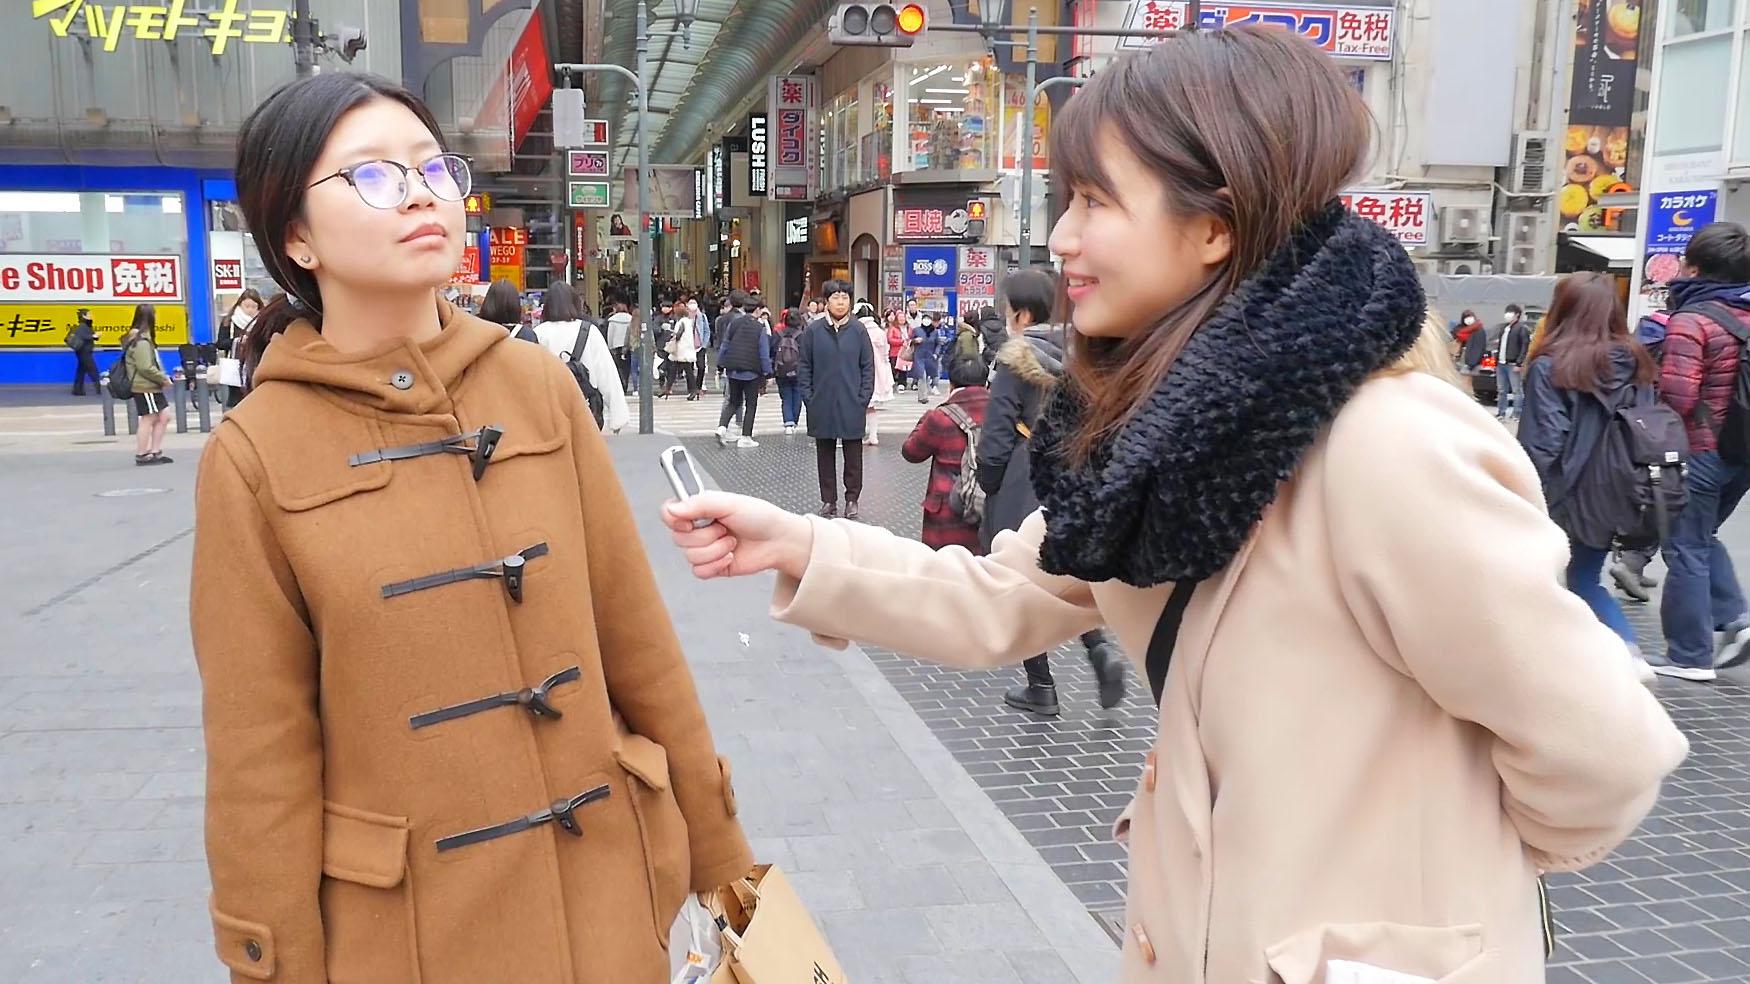 直擊採訪外國觀光客! 「來到日本,感到失望的事是什麼呢?」之①